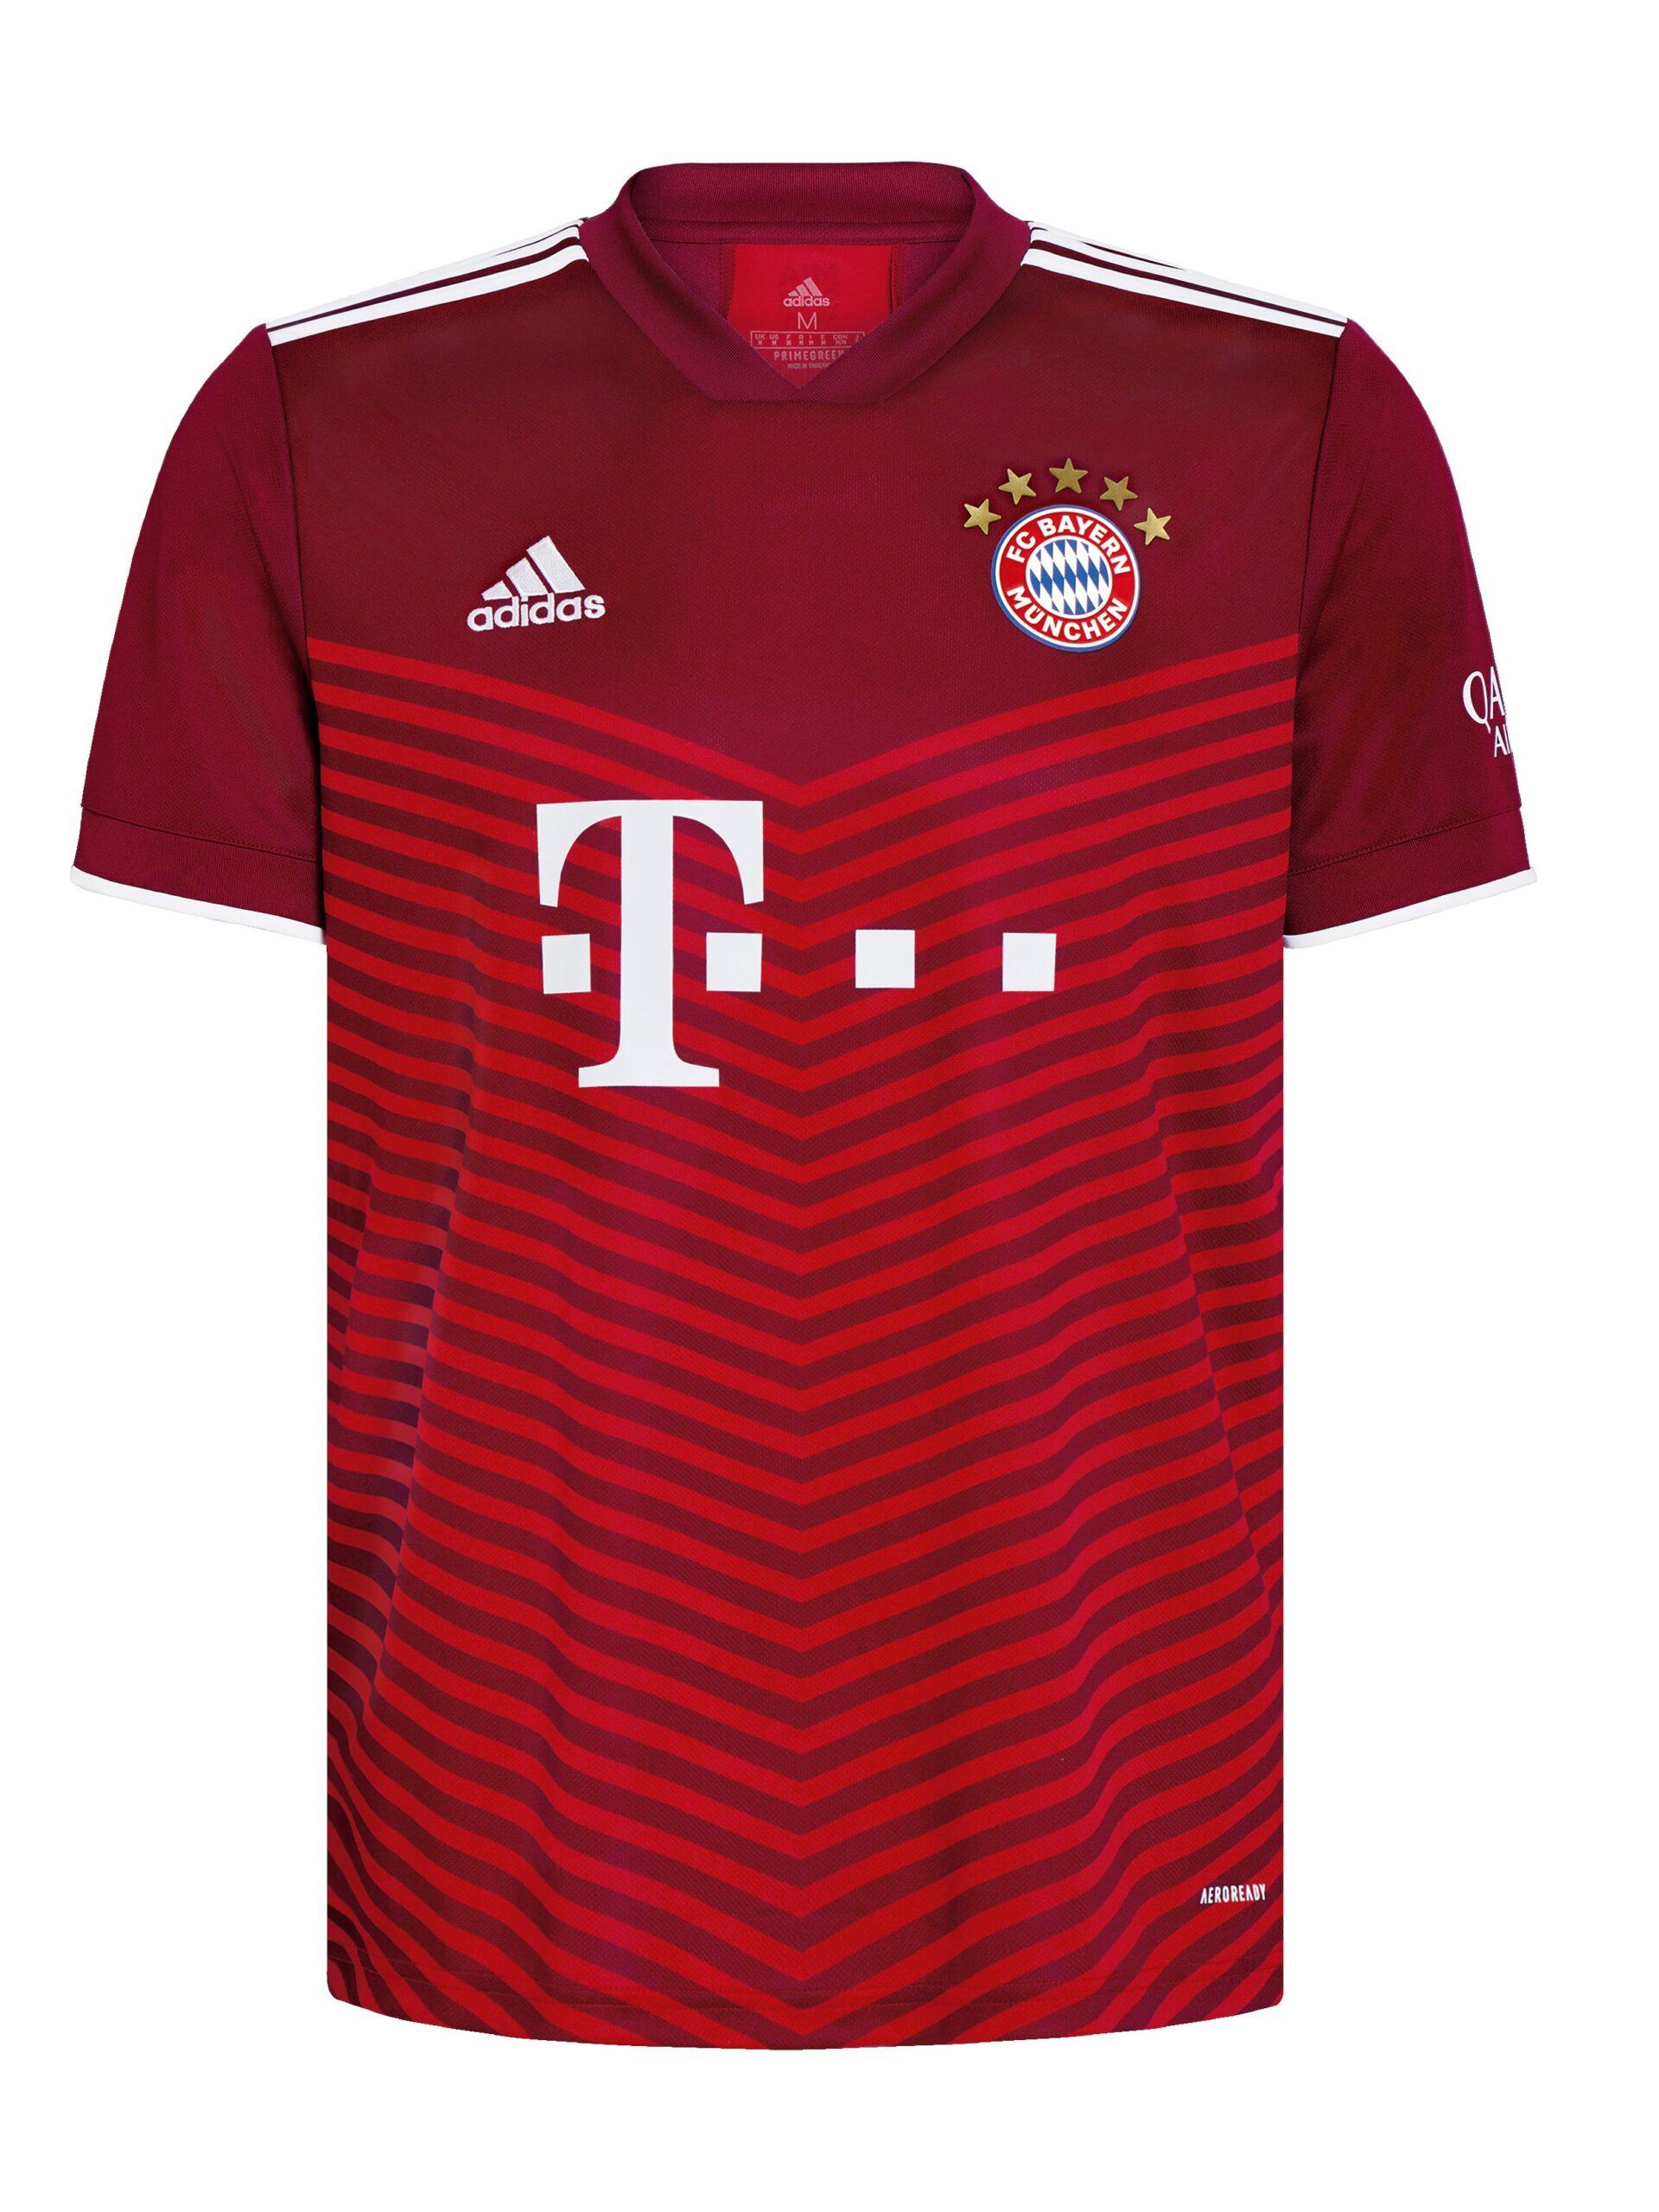 La quinta estrella, la otra gran novedad de la nueva equipación. Foto: Twitter FC Bayern